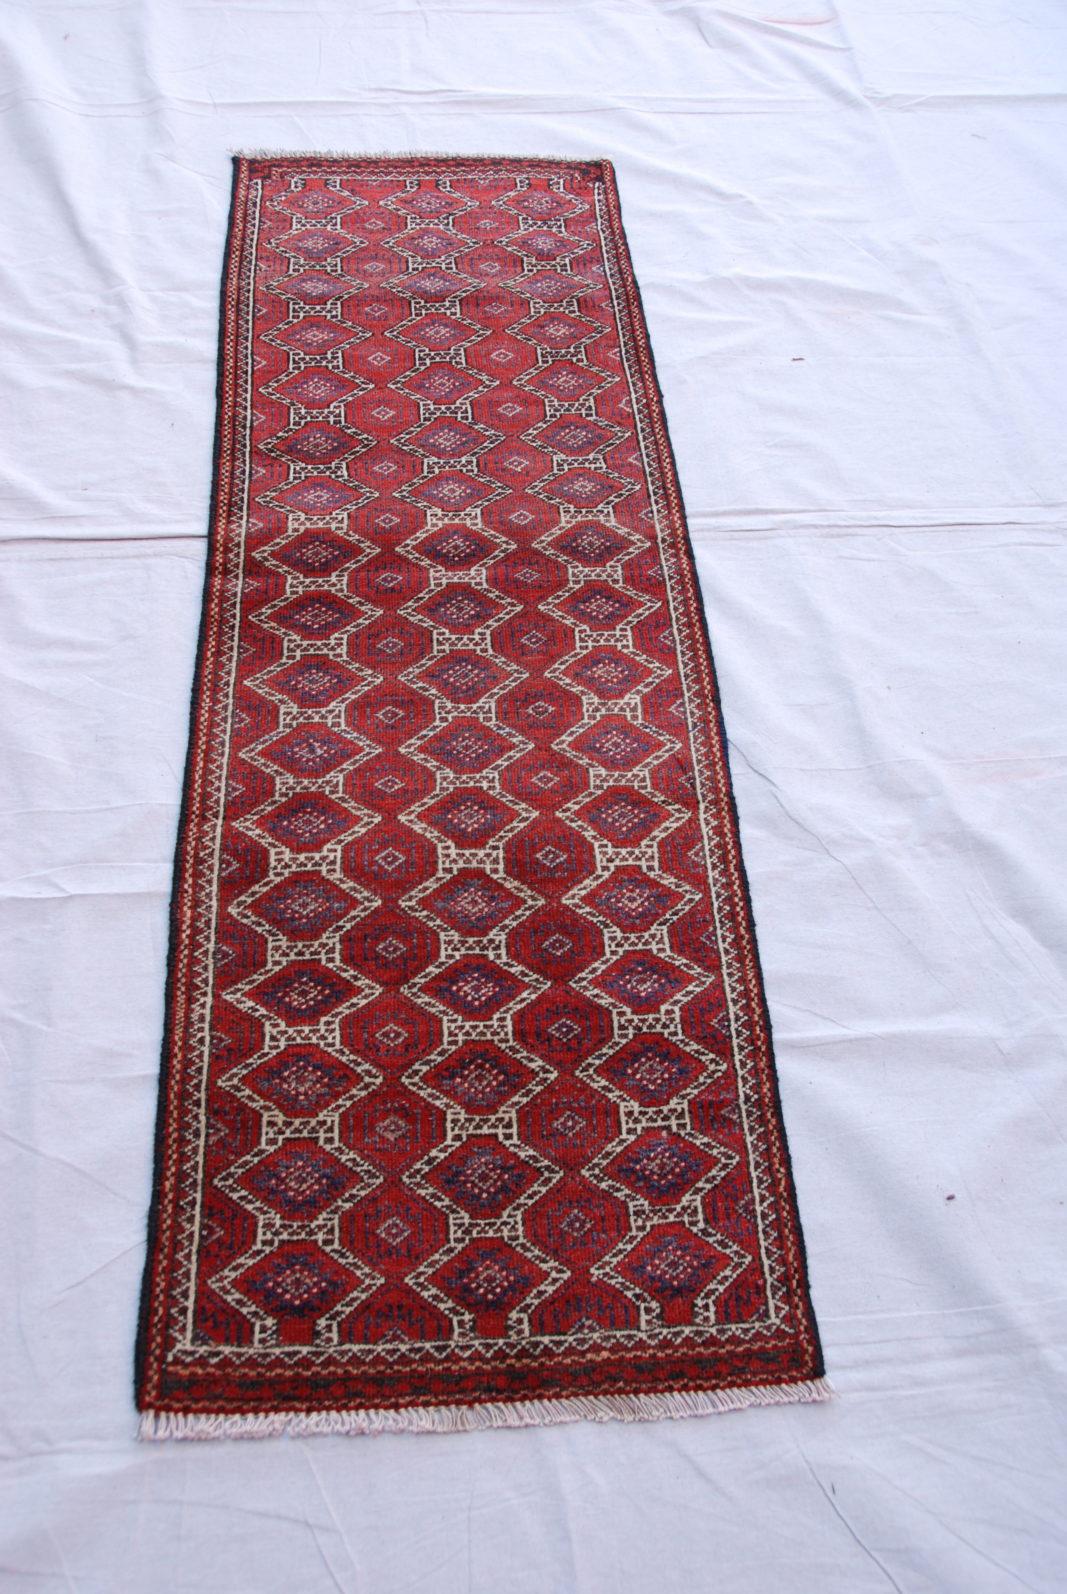 Timur Belouch wool on wool runner 60-70 years old 1.63 x 0.52 $695